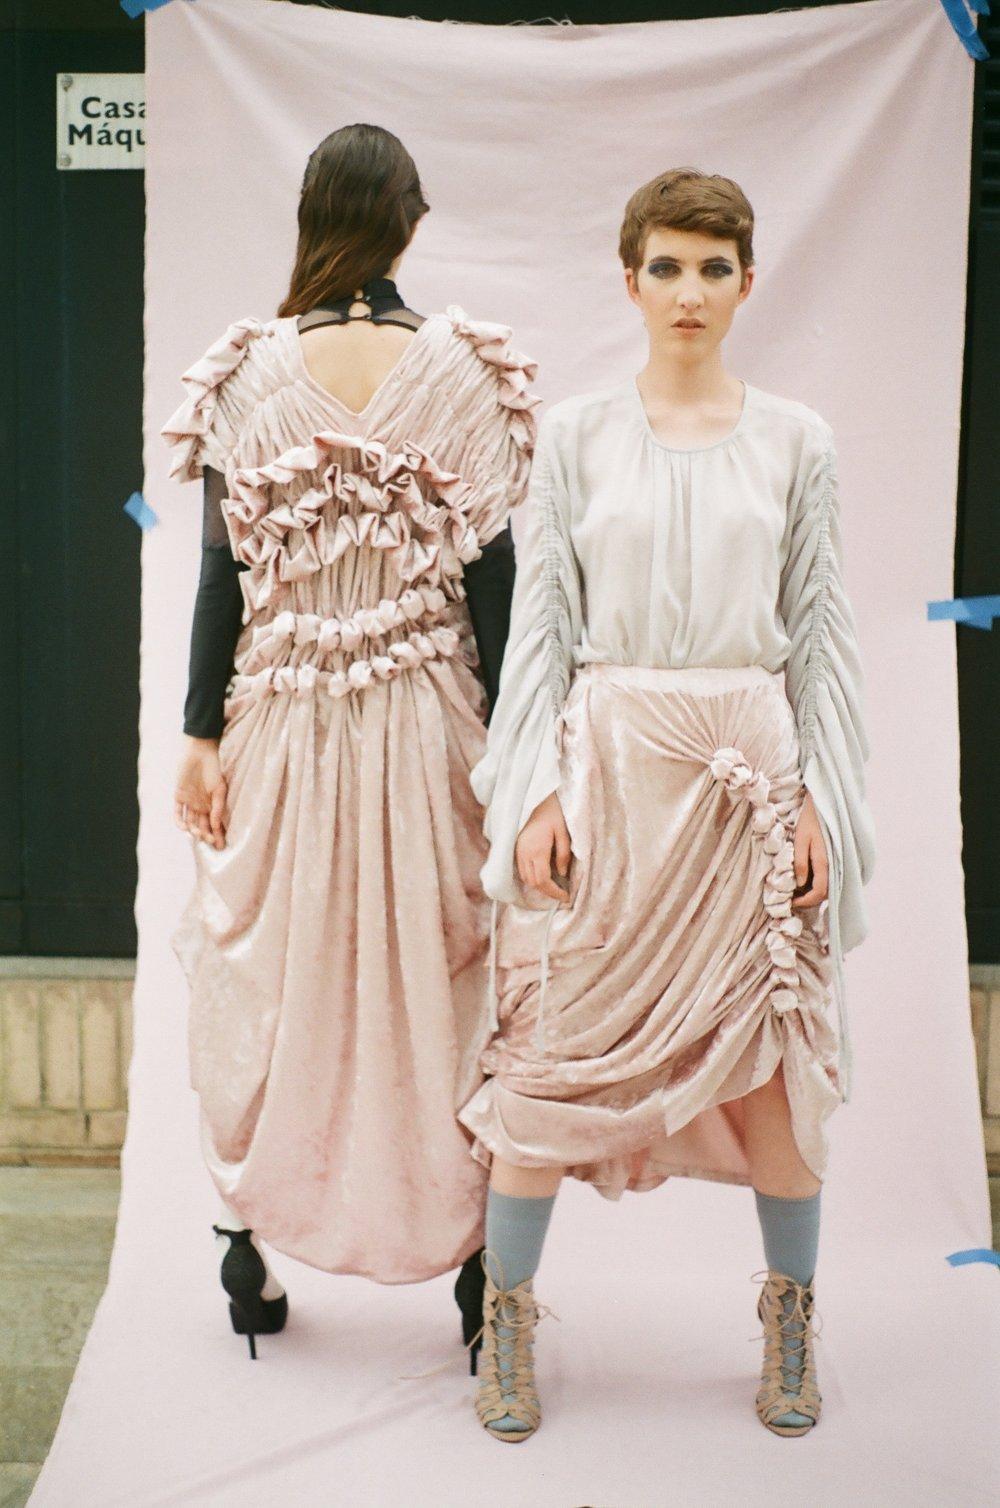 Skirt and Dress  —CAMILA TIRADO, Blouse  —ARGEMIRO SIERRA Bodysuit  —VELOURS DANCE WEAR